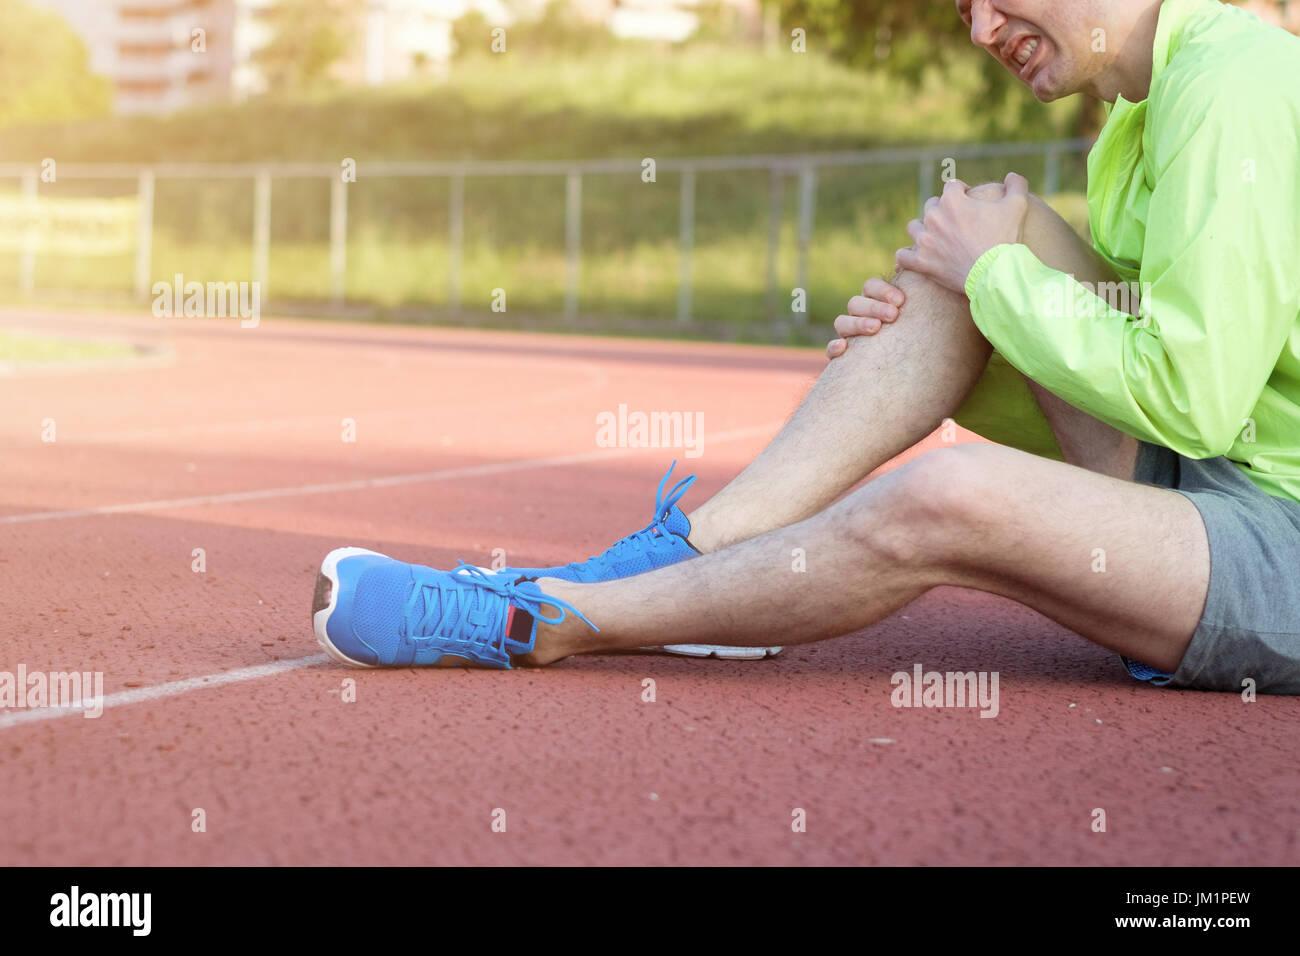 L'exécution de sportsman ressentir de la douleur après avoir subi une blessure Banque D'Images